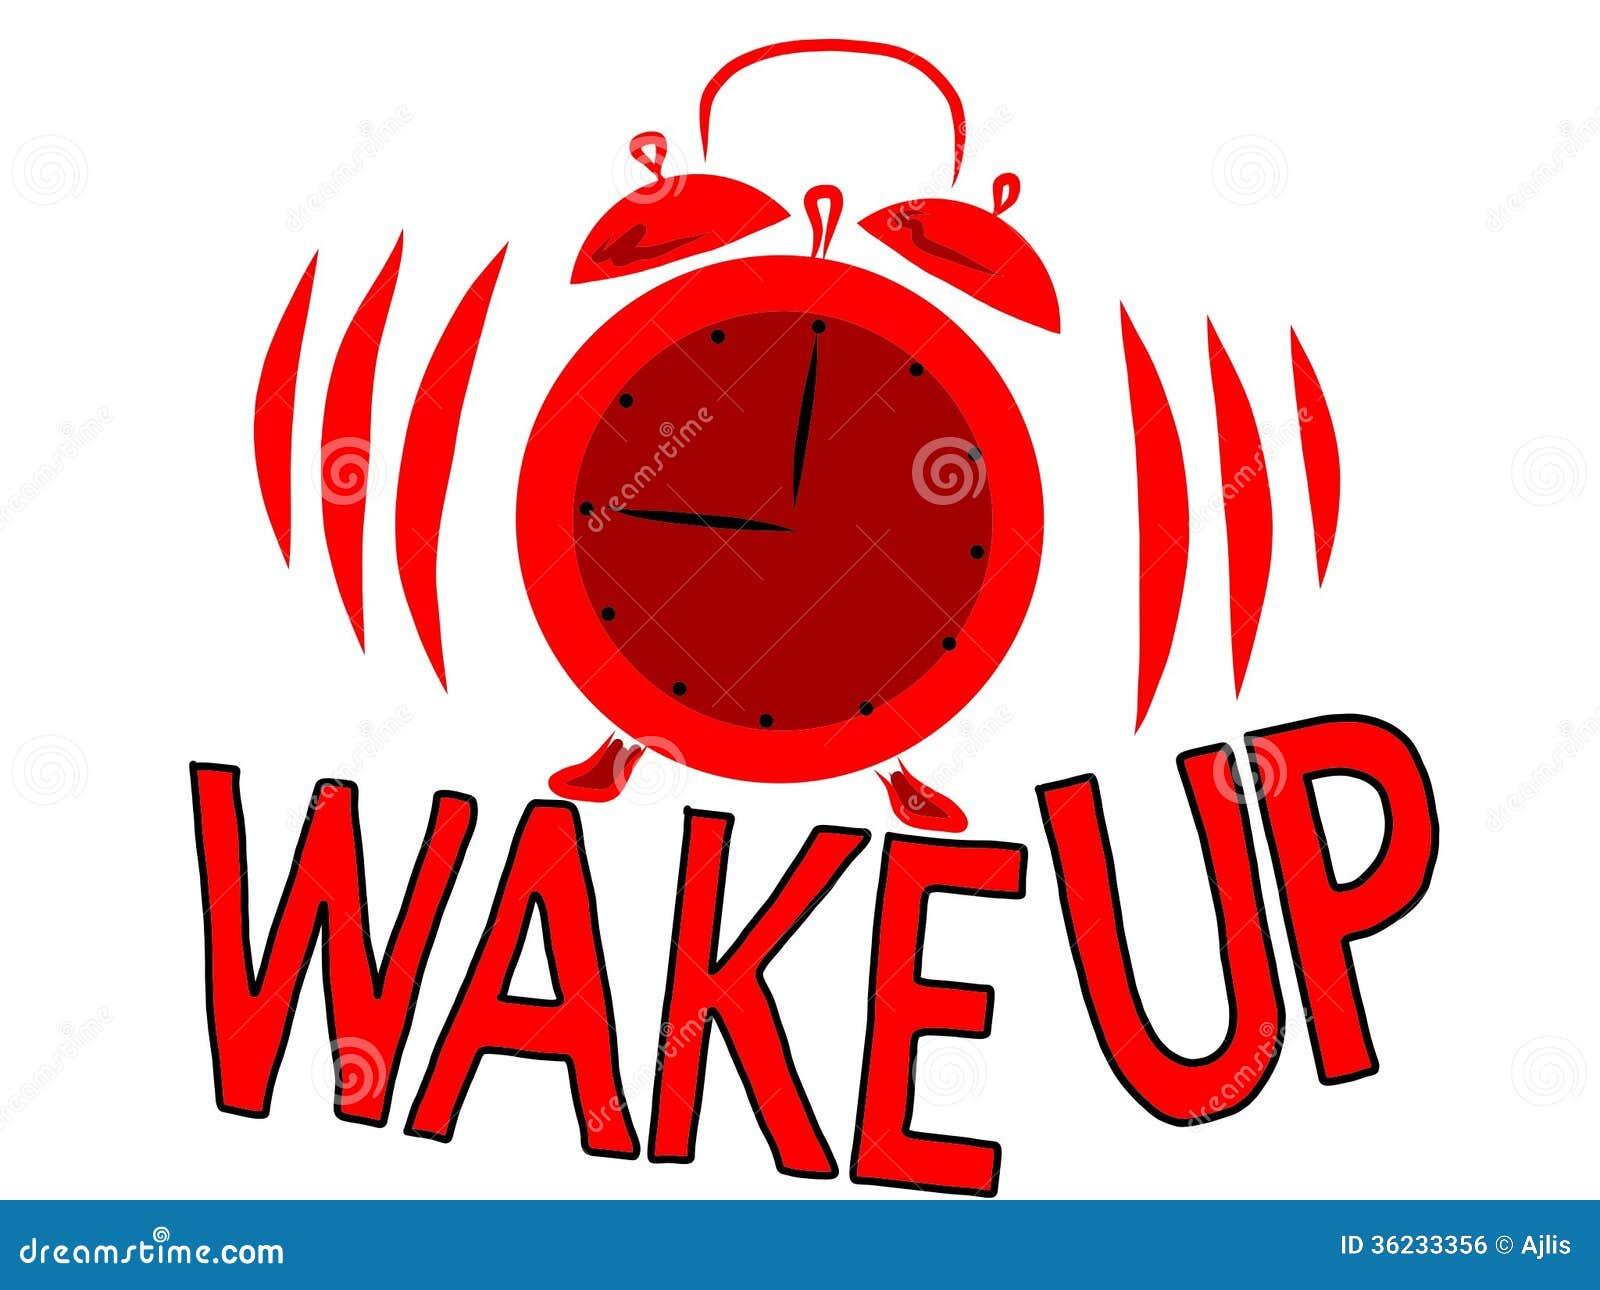 Wake Up Royalty Free Stock Image - Image: 36233356